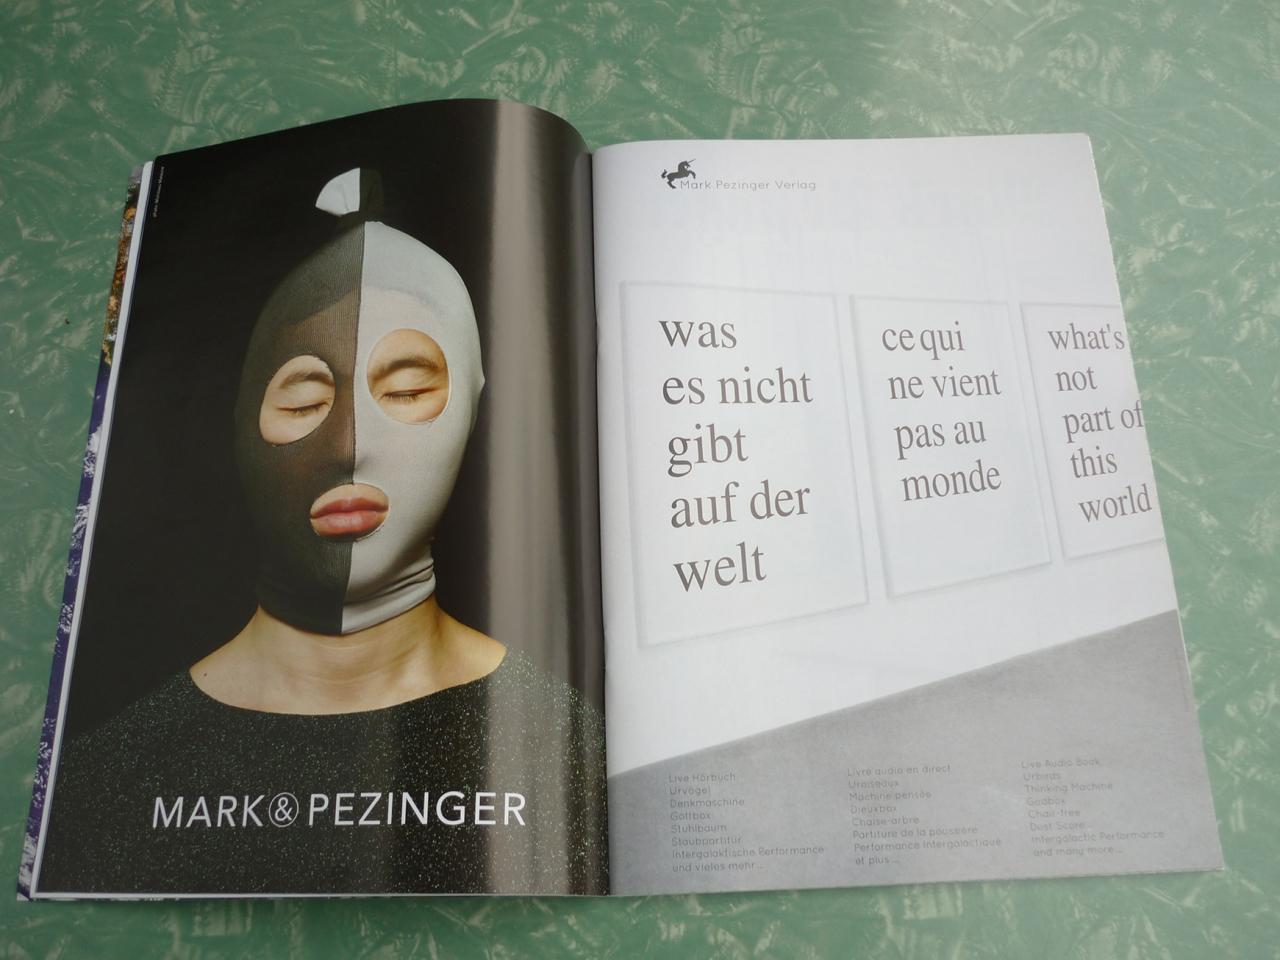 La Houle HRR-03 About Mark Pezinger